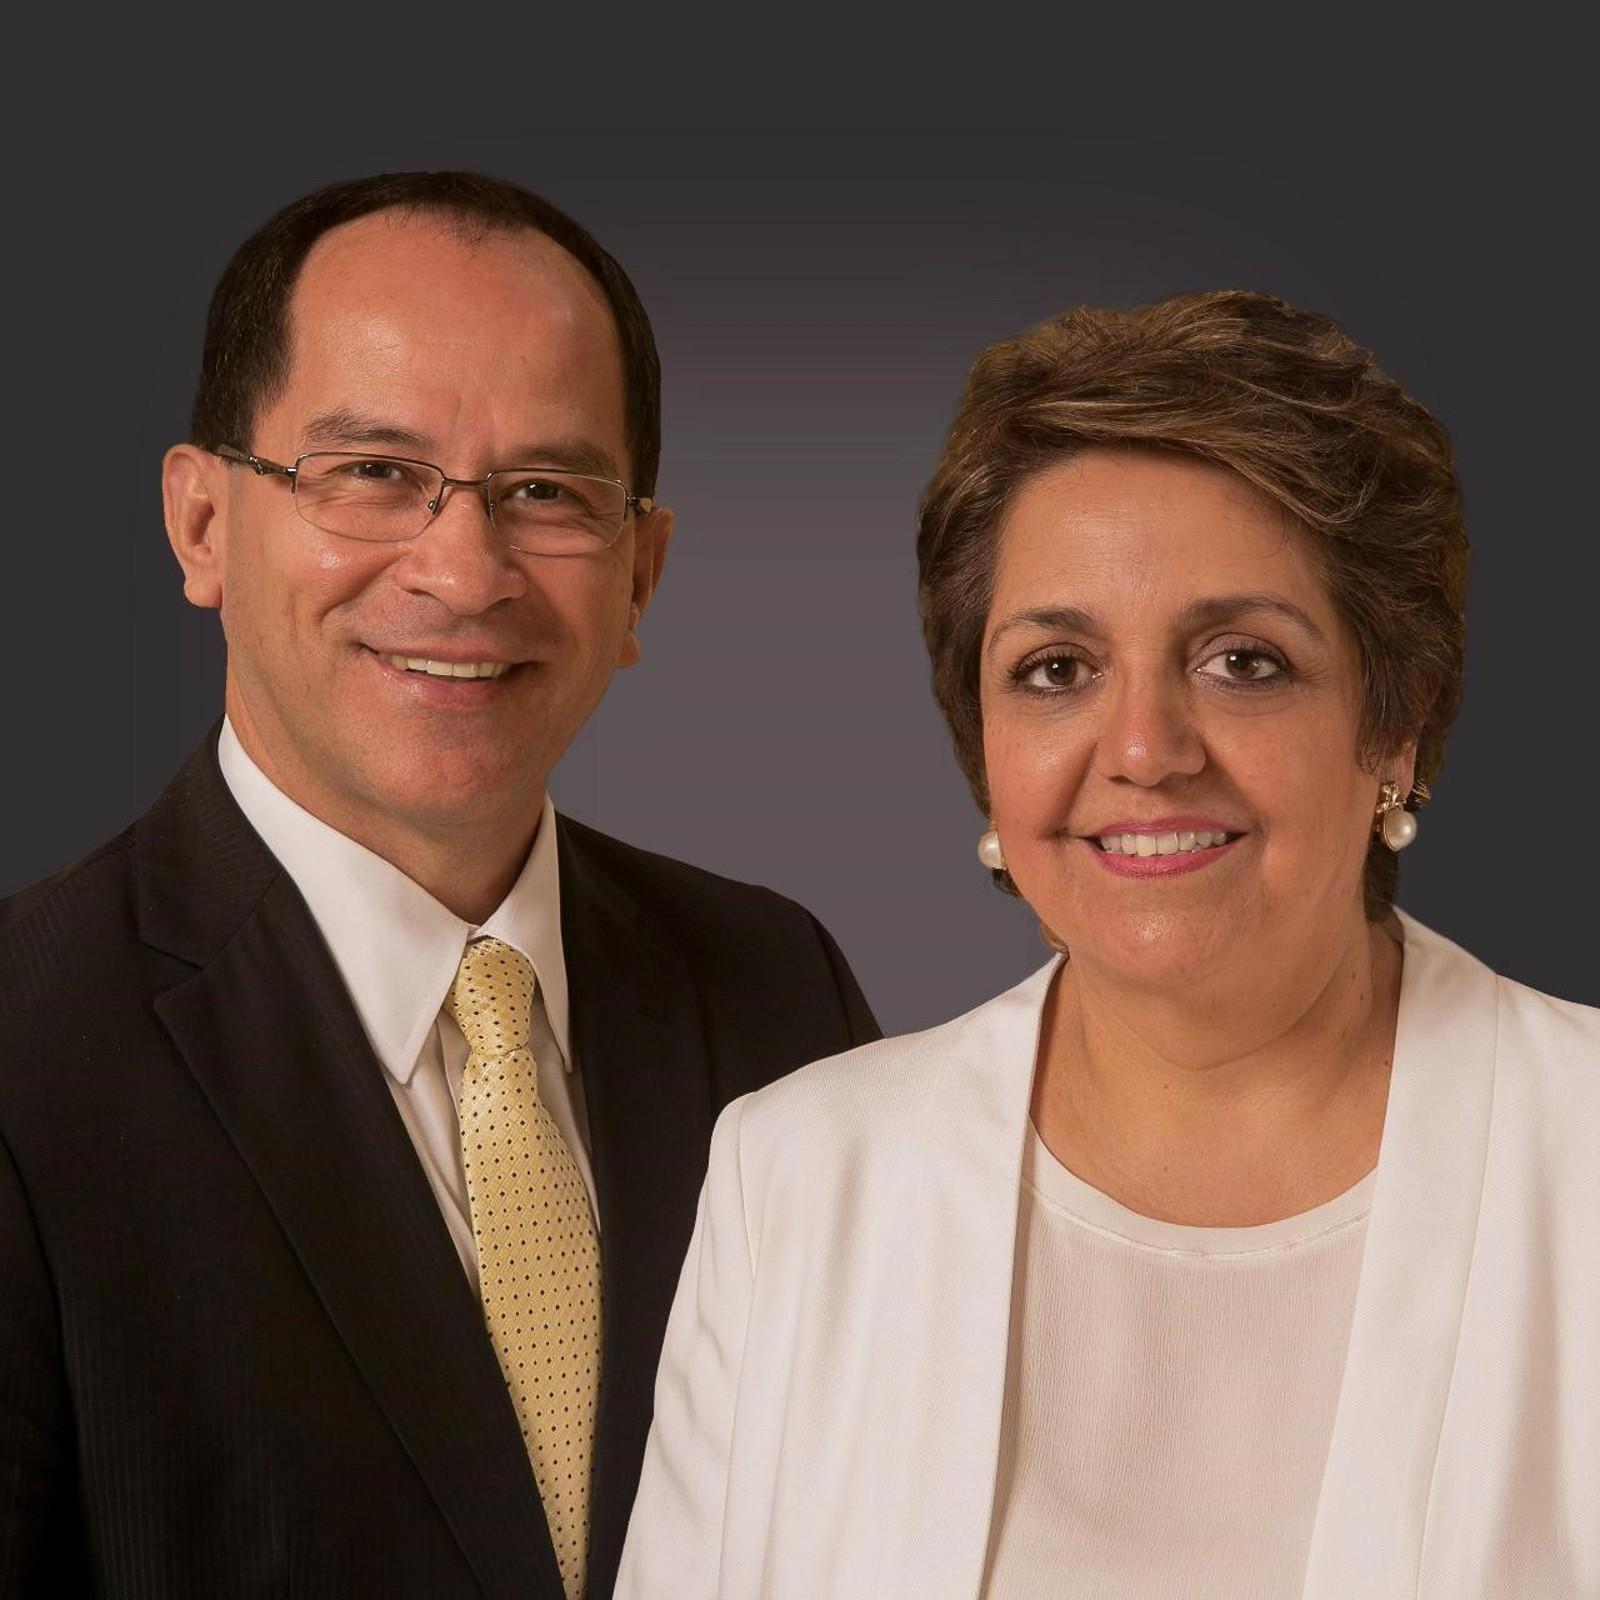 Presidente de Misión Querétaro, México.